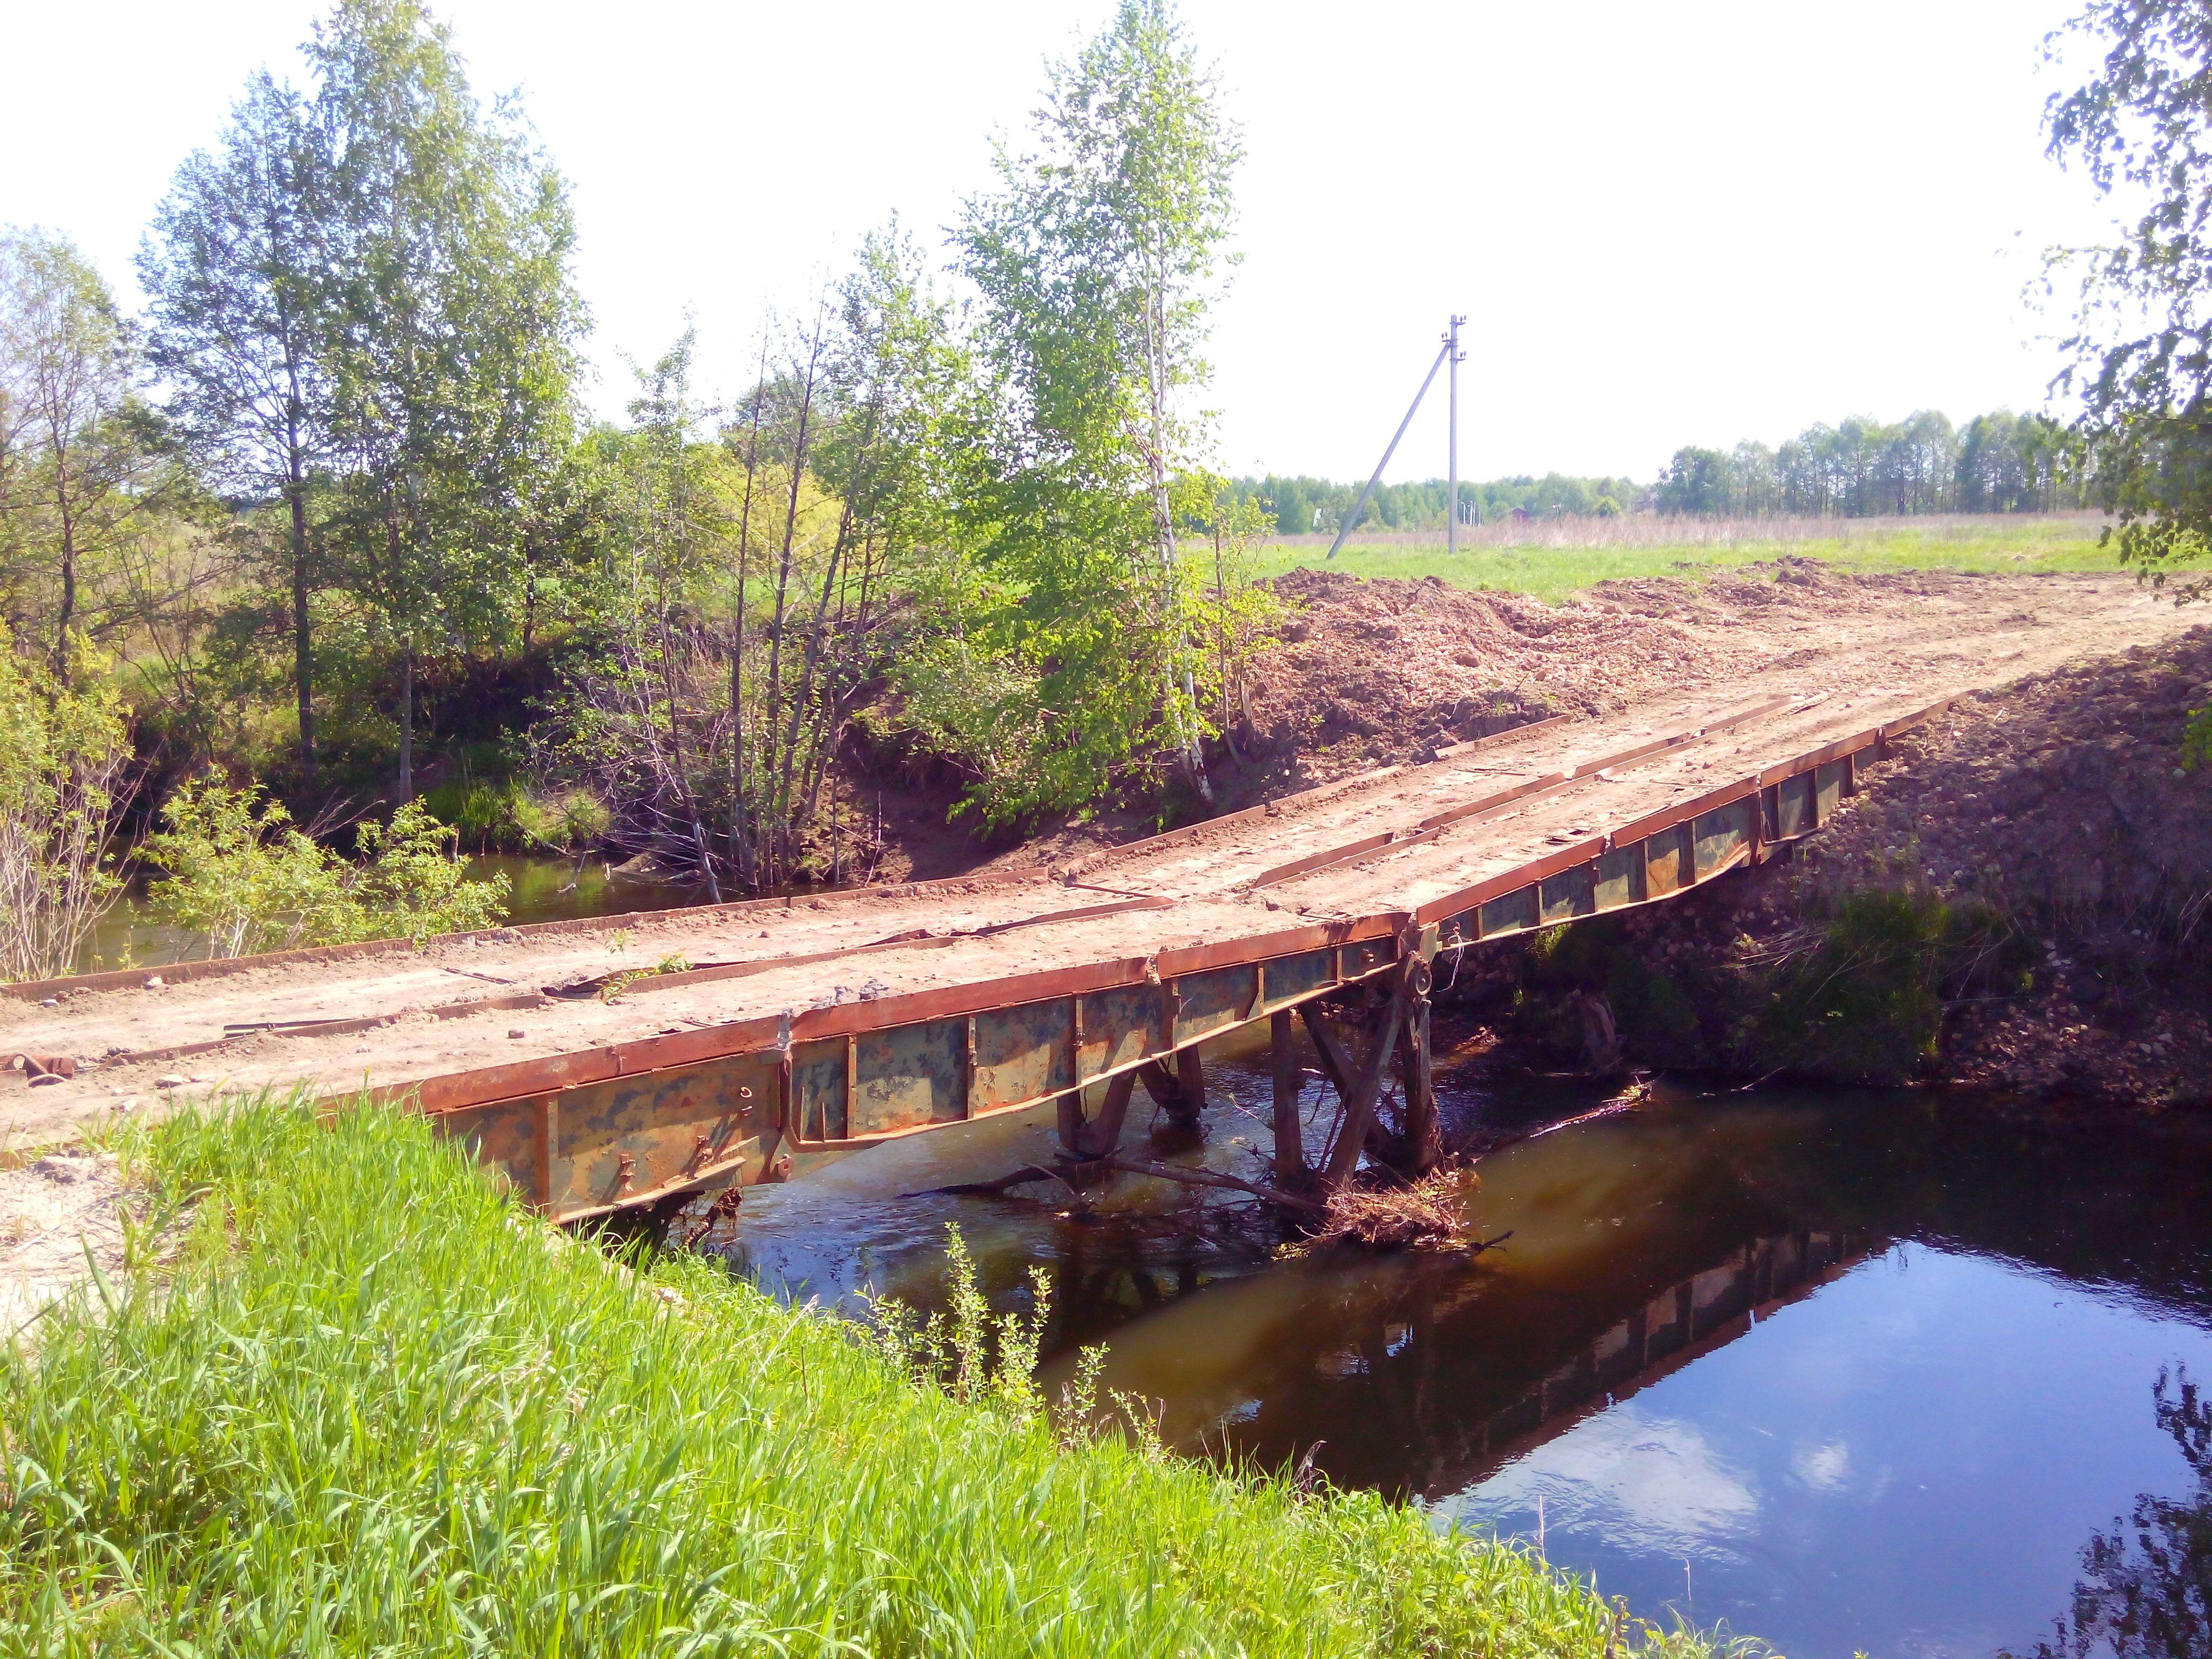 А еще там можно увидеть такой странный мост